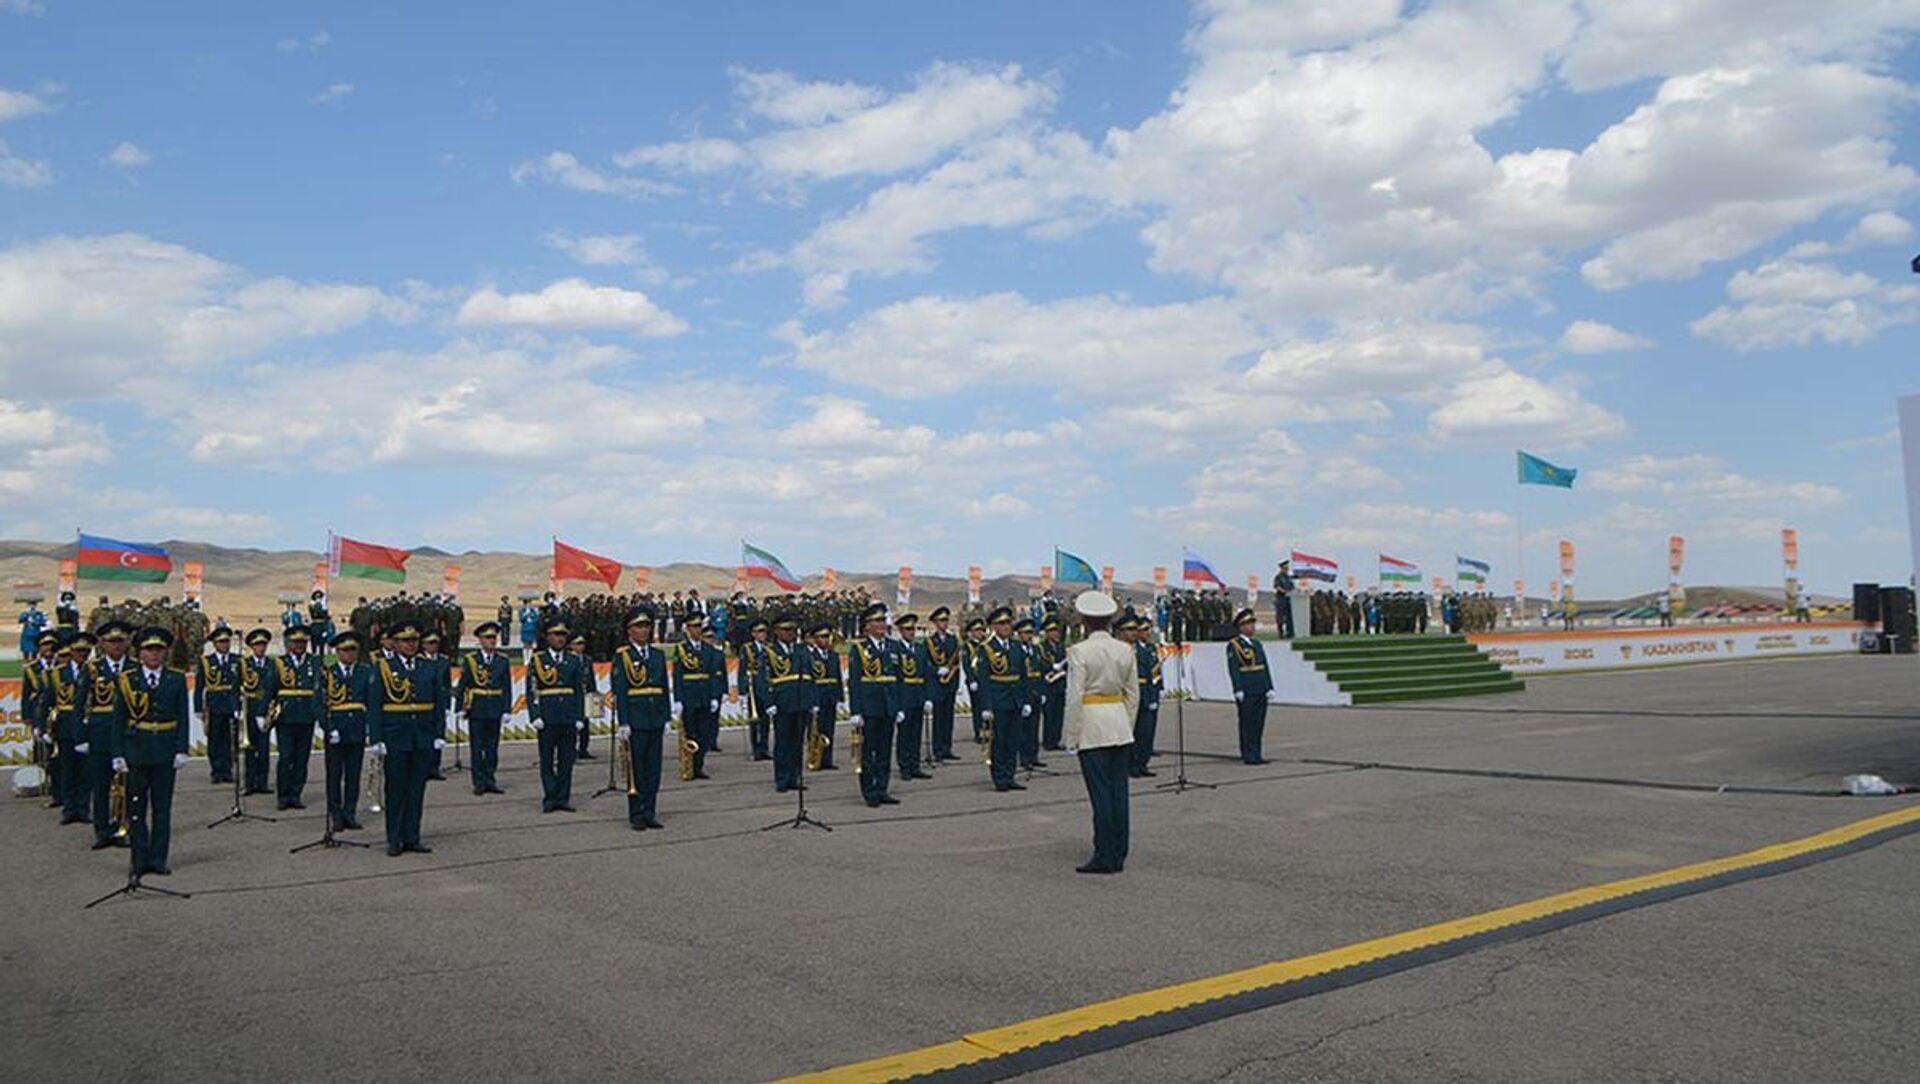 В Казахстане состоялась церемония открытия конкурса Мастера артиллерийского огня - Sputnik Азербайджан, 1920, 25.08.2021